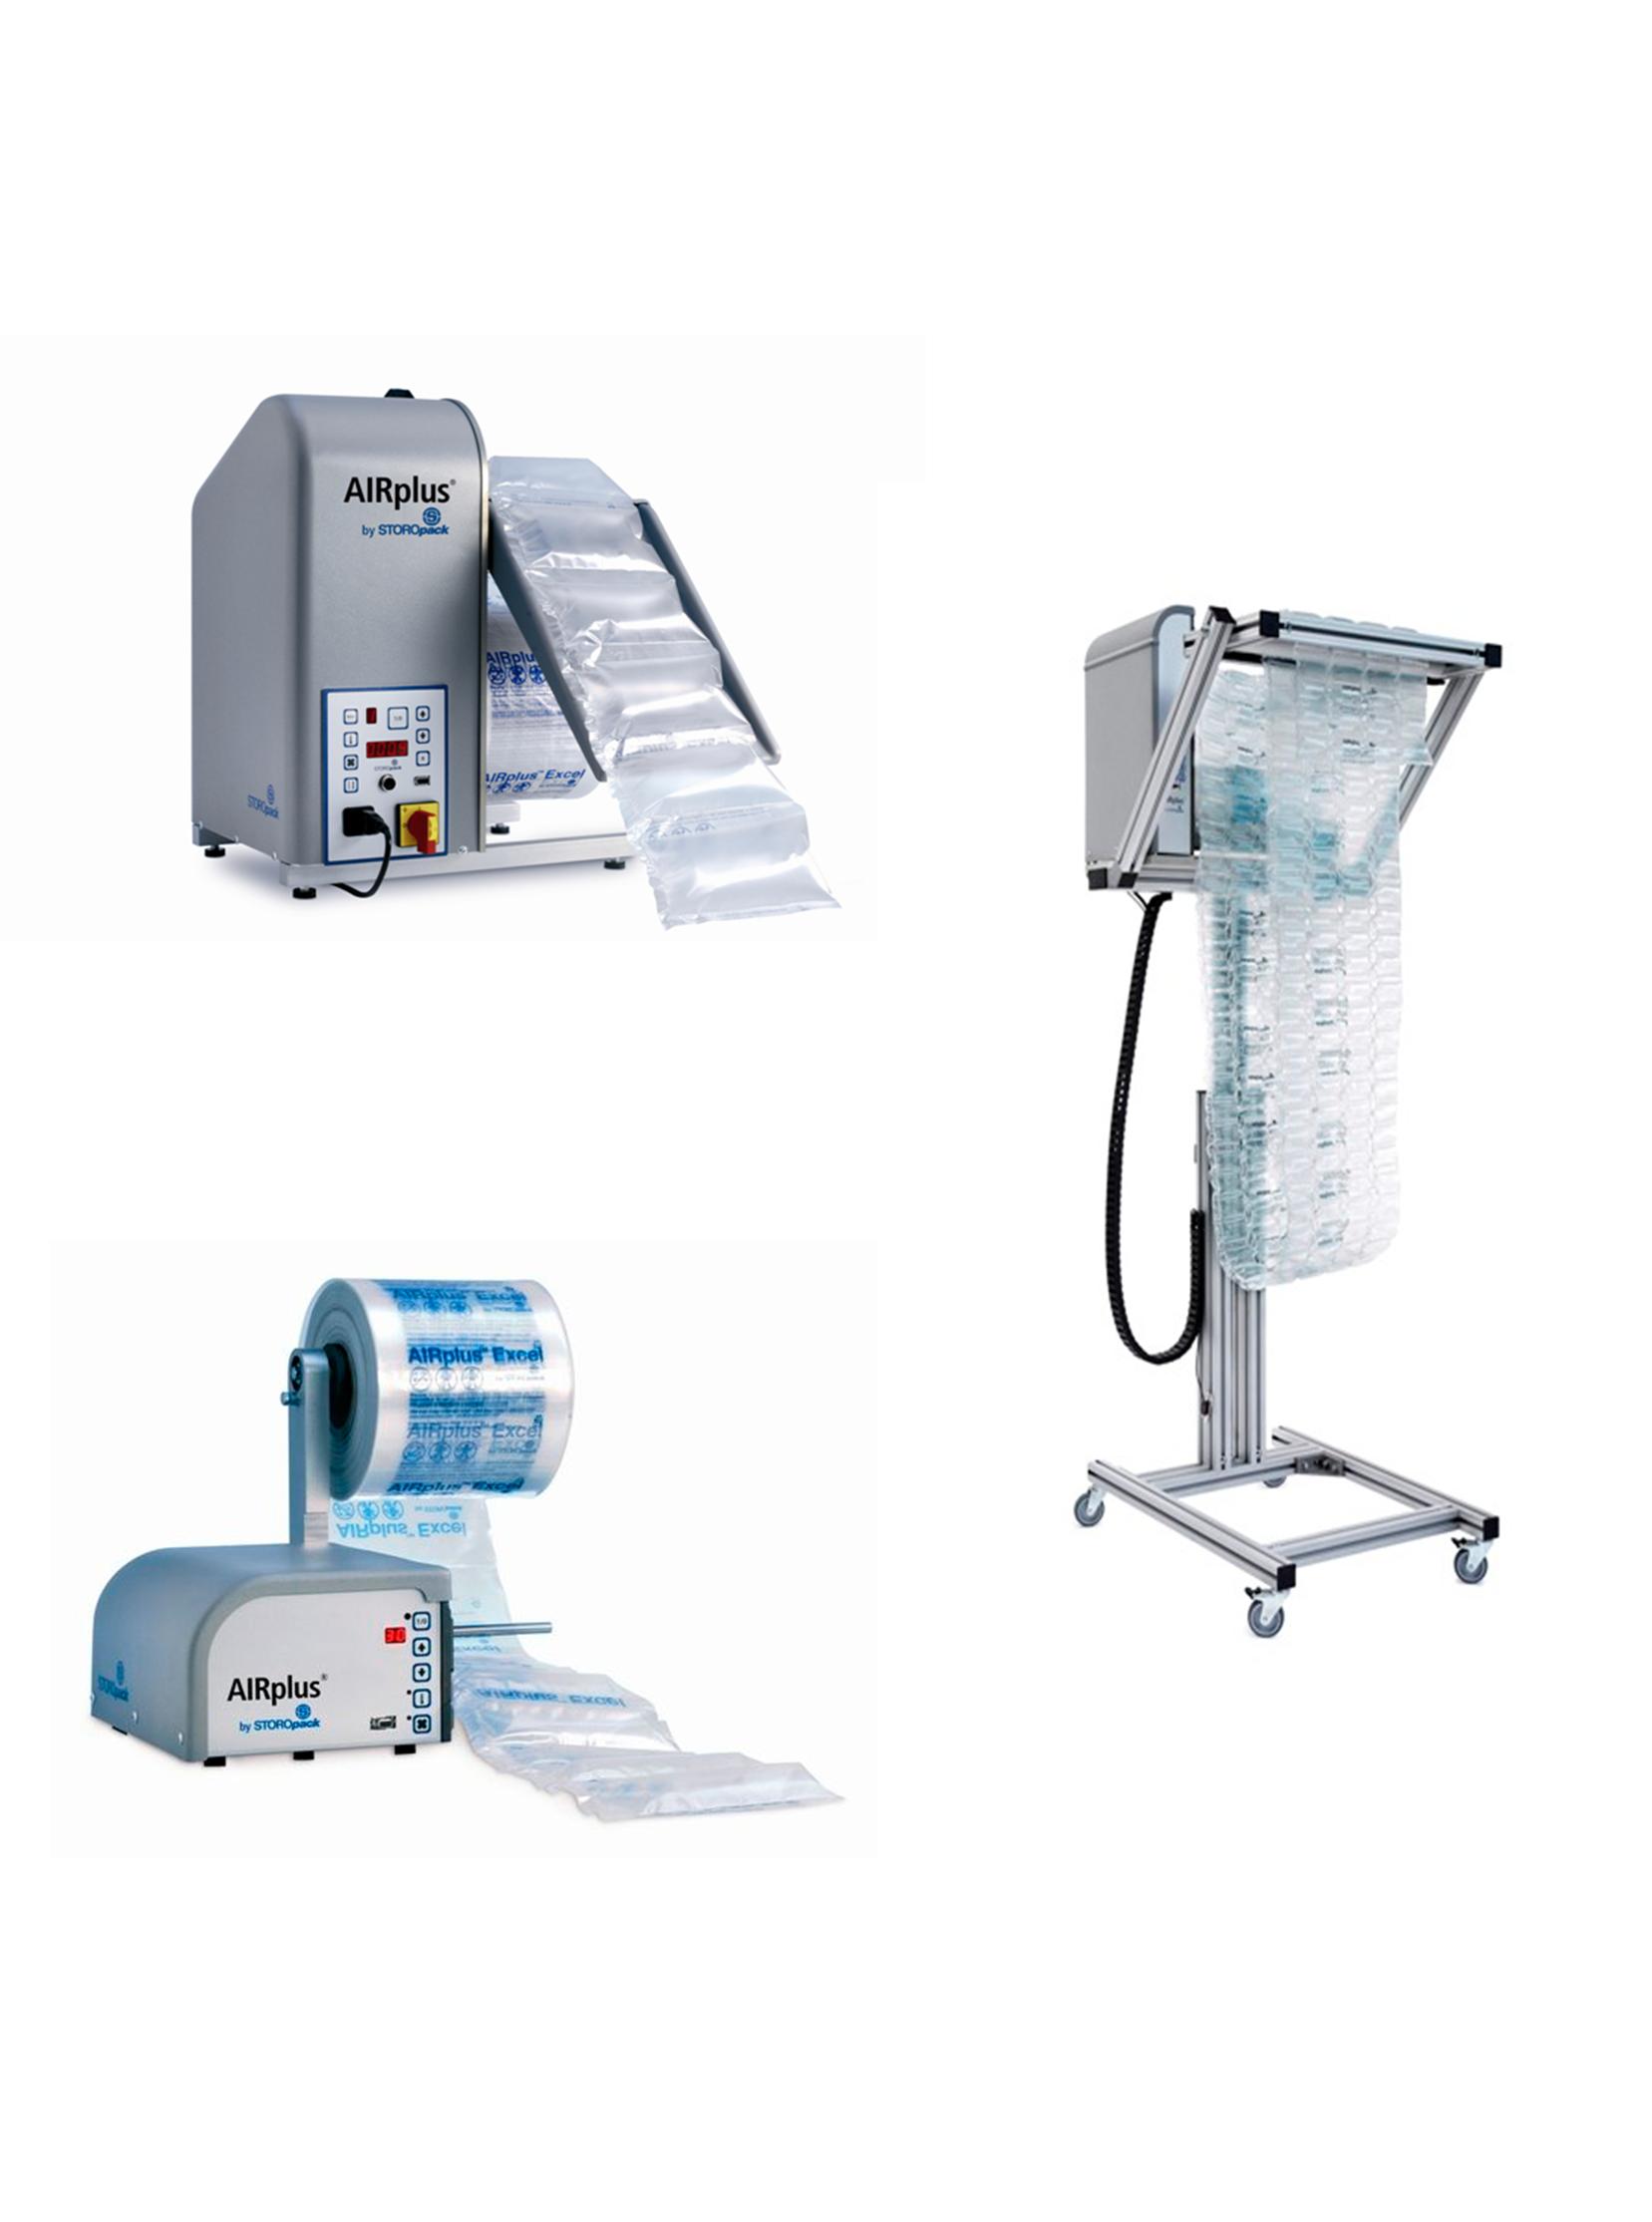 carton-sealing-equipment-for-packaging-2016-gti-industries.jpg